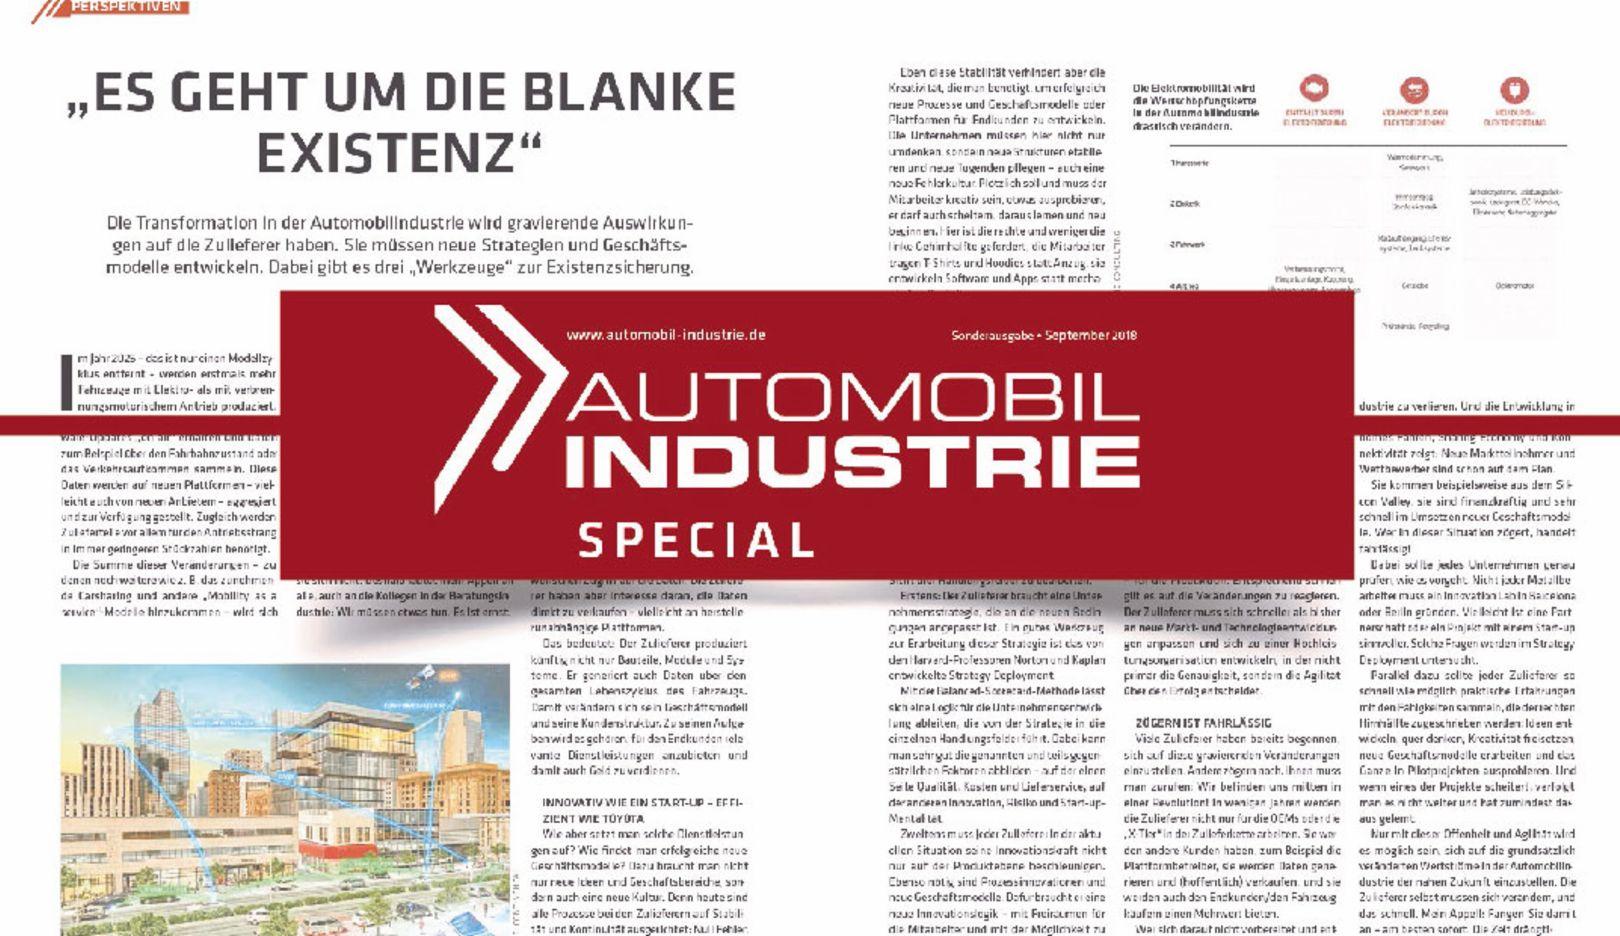 Automobil Industrie Spezial, 2018, Porsche AG